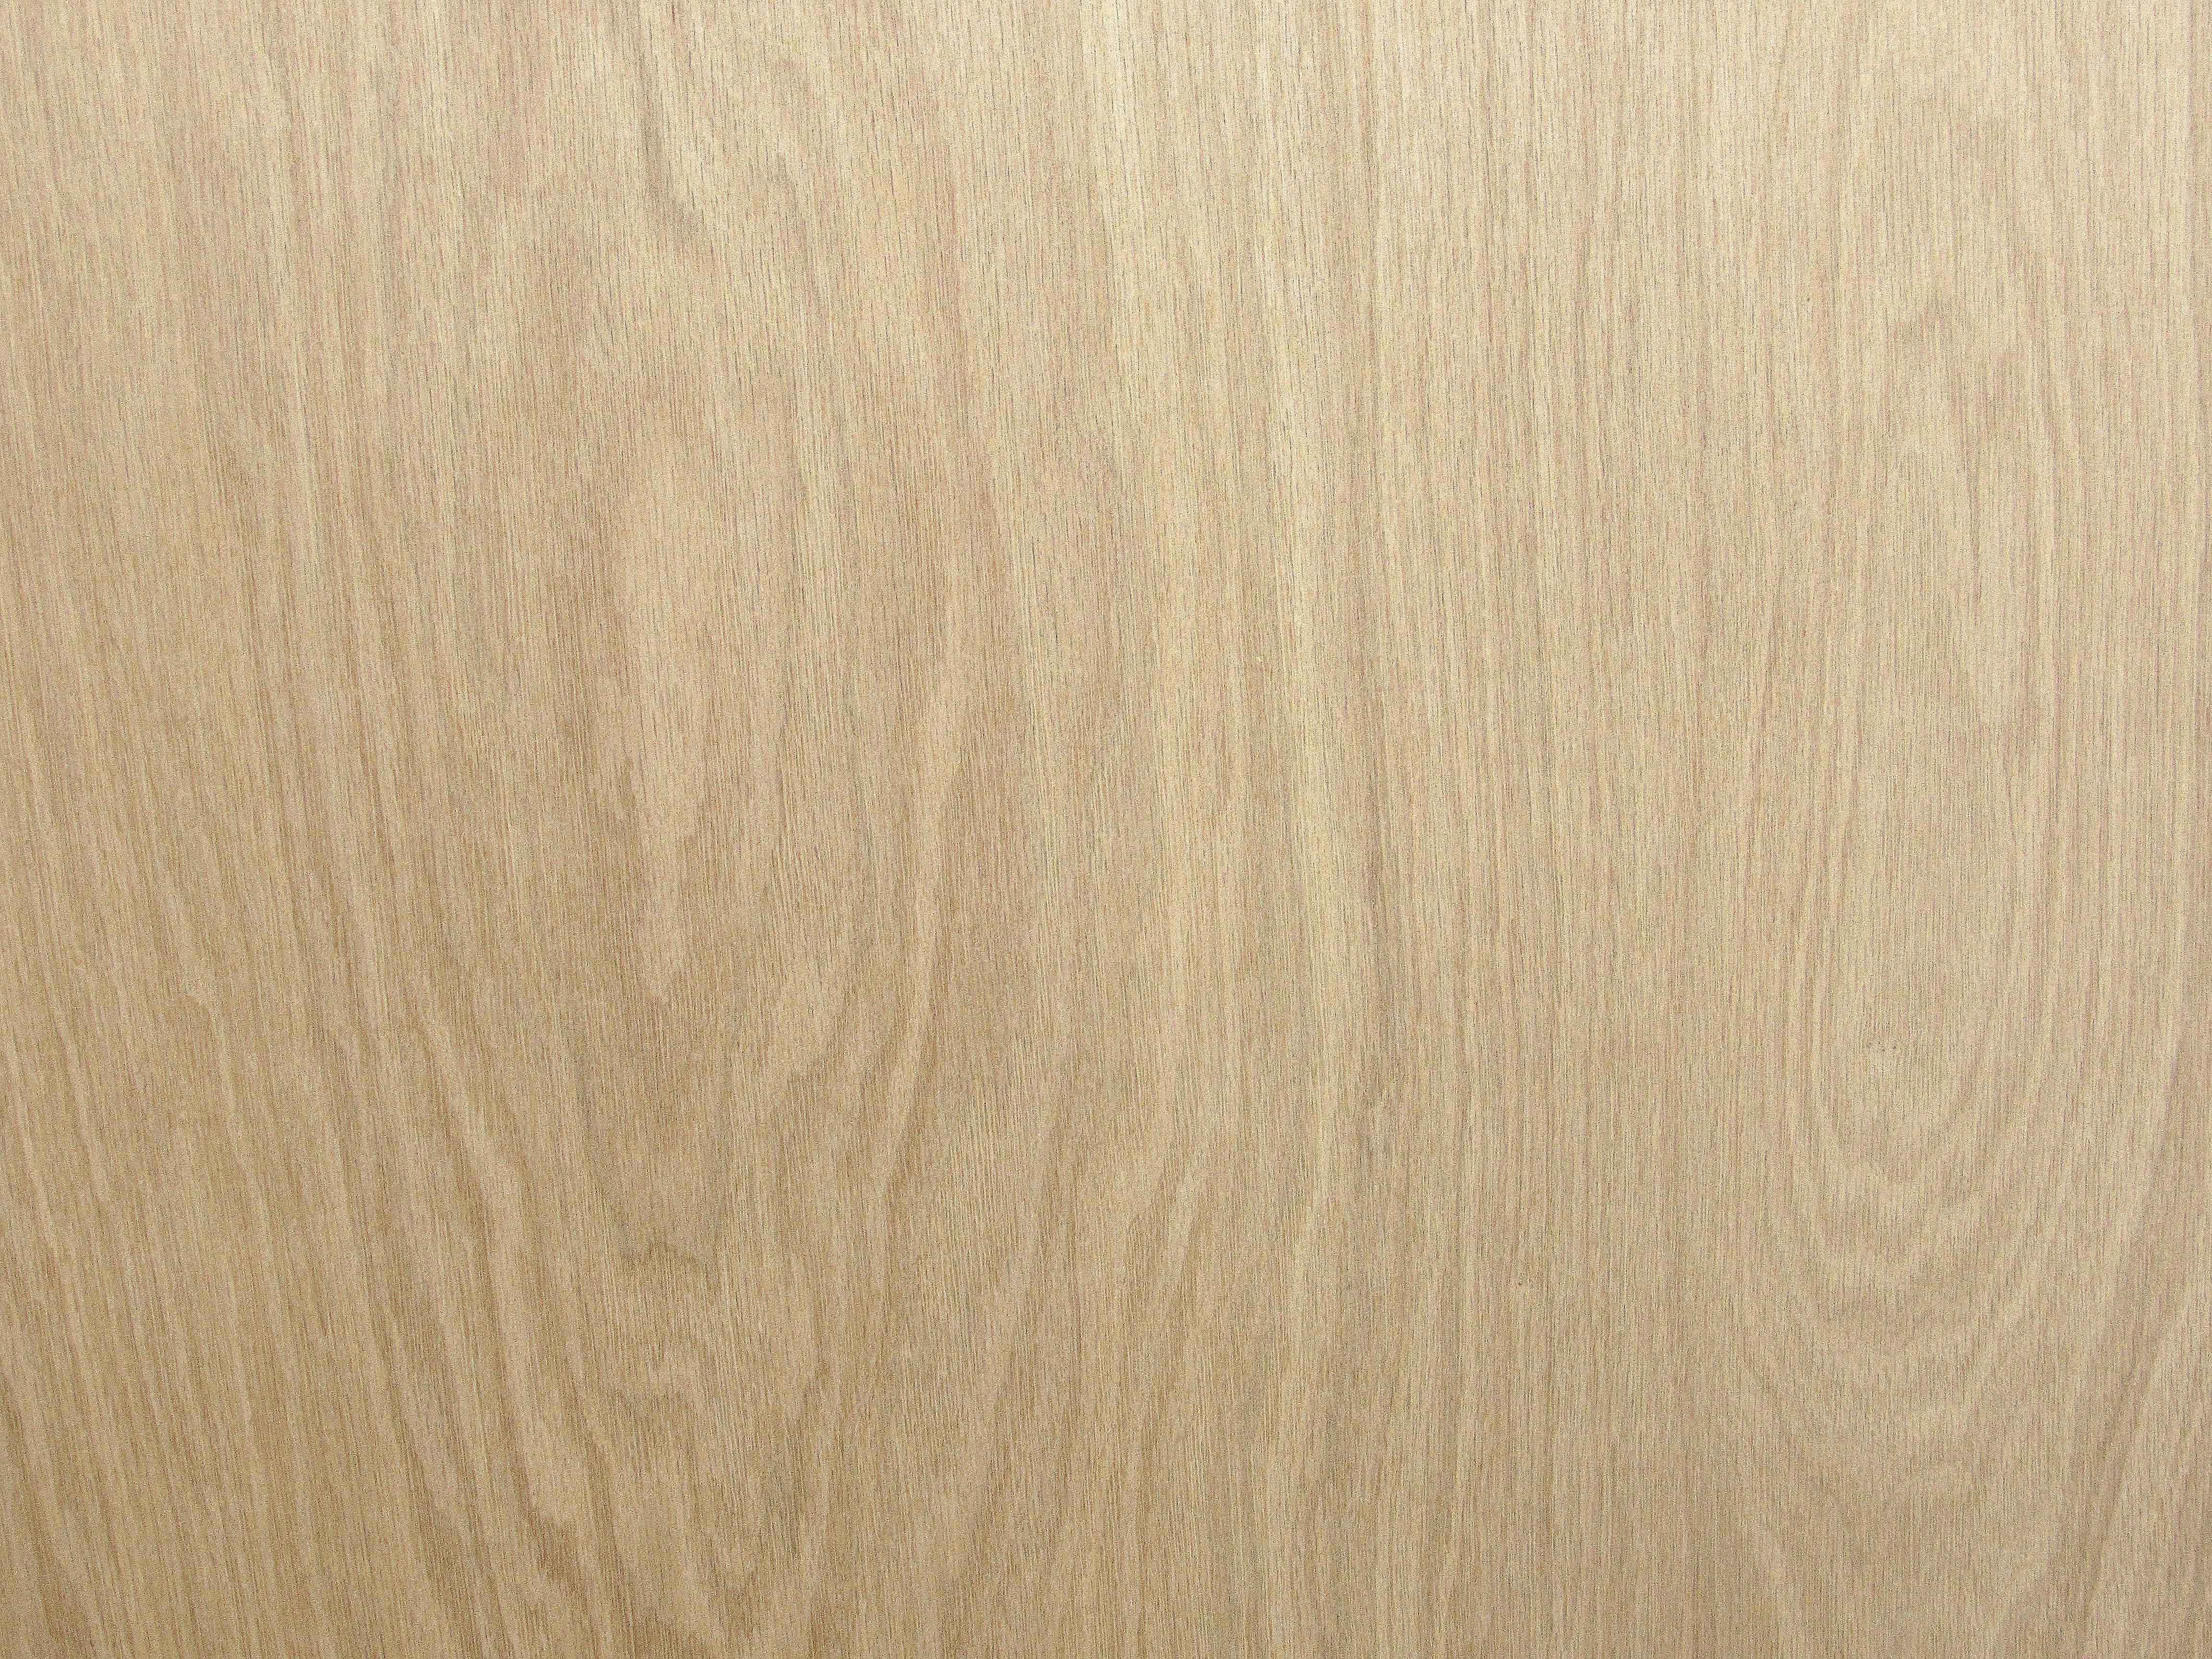 Oak White Plywood Capitol City Lumber